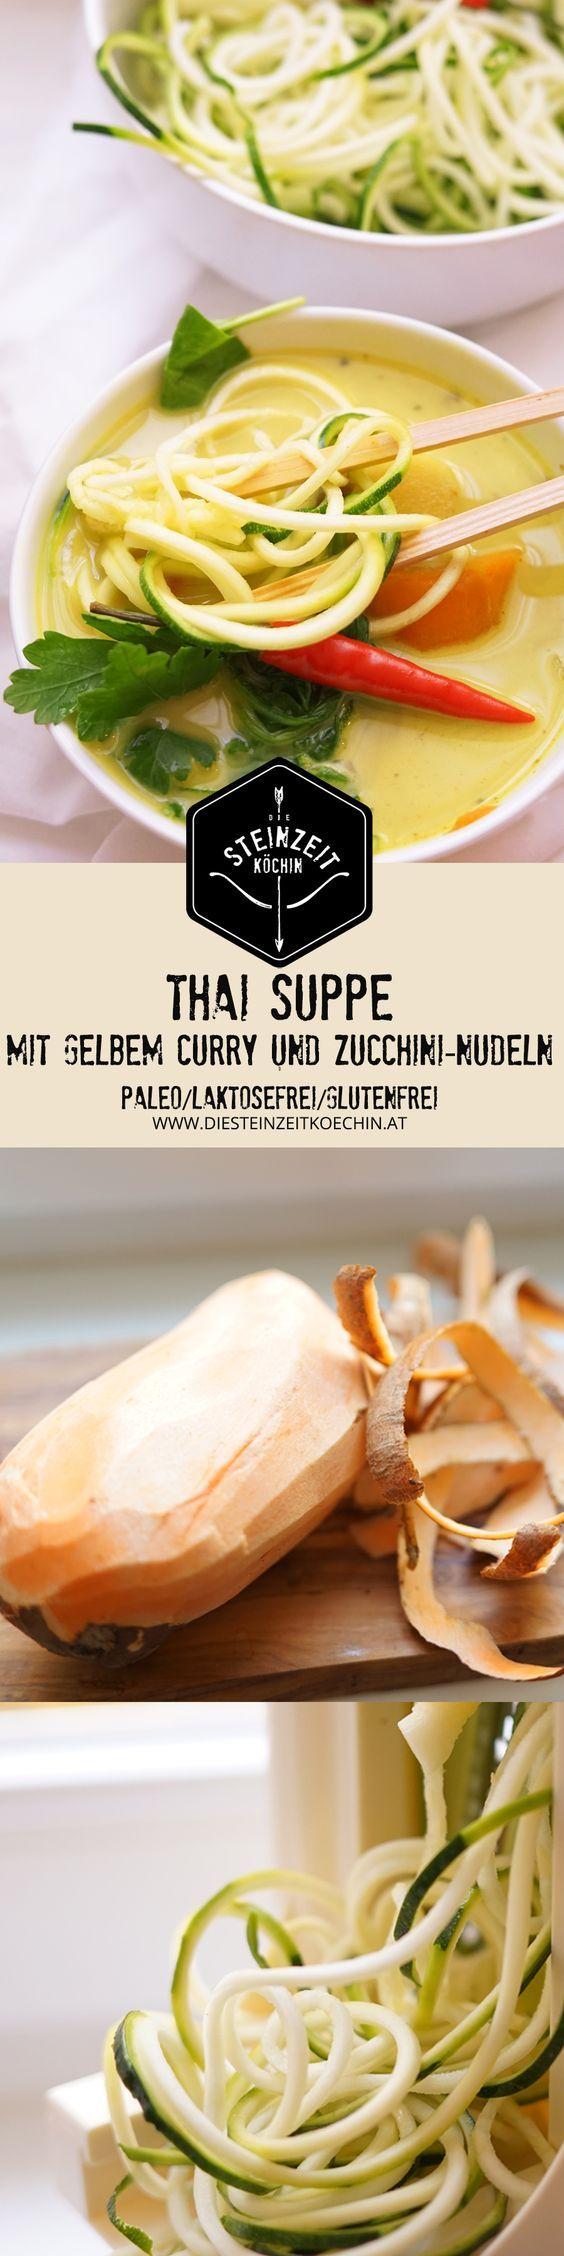 Thai Suppe, mit gelbem Curry und Zucchininudeln, zitronig frisch mit etwas Schärfe. Wenig kohlenhydrate, nur wenige Zutaten, ohne laktosefrei, Paleo, gesundes Rezept, schnell zubereitet, gesundes Mittagessen, Abendessen mit wenigen Kalorien